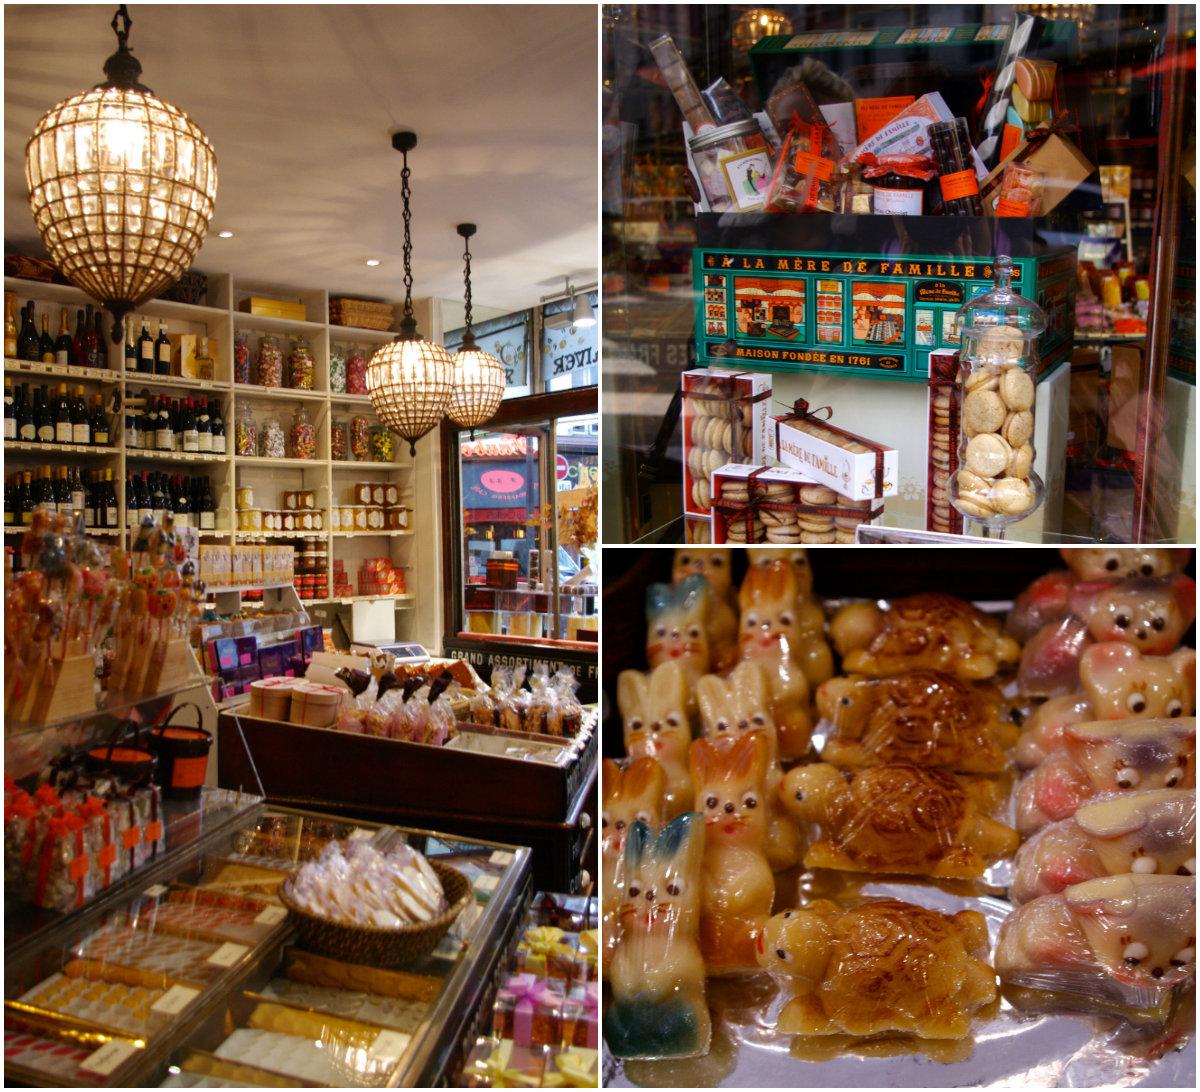 秋のパリ日記4:老舗お菓子屋さん、クラシックなビストロ、パリの食は美しい♪_e0114020_17561746.jpg